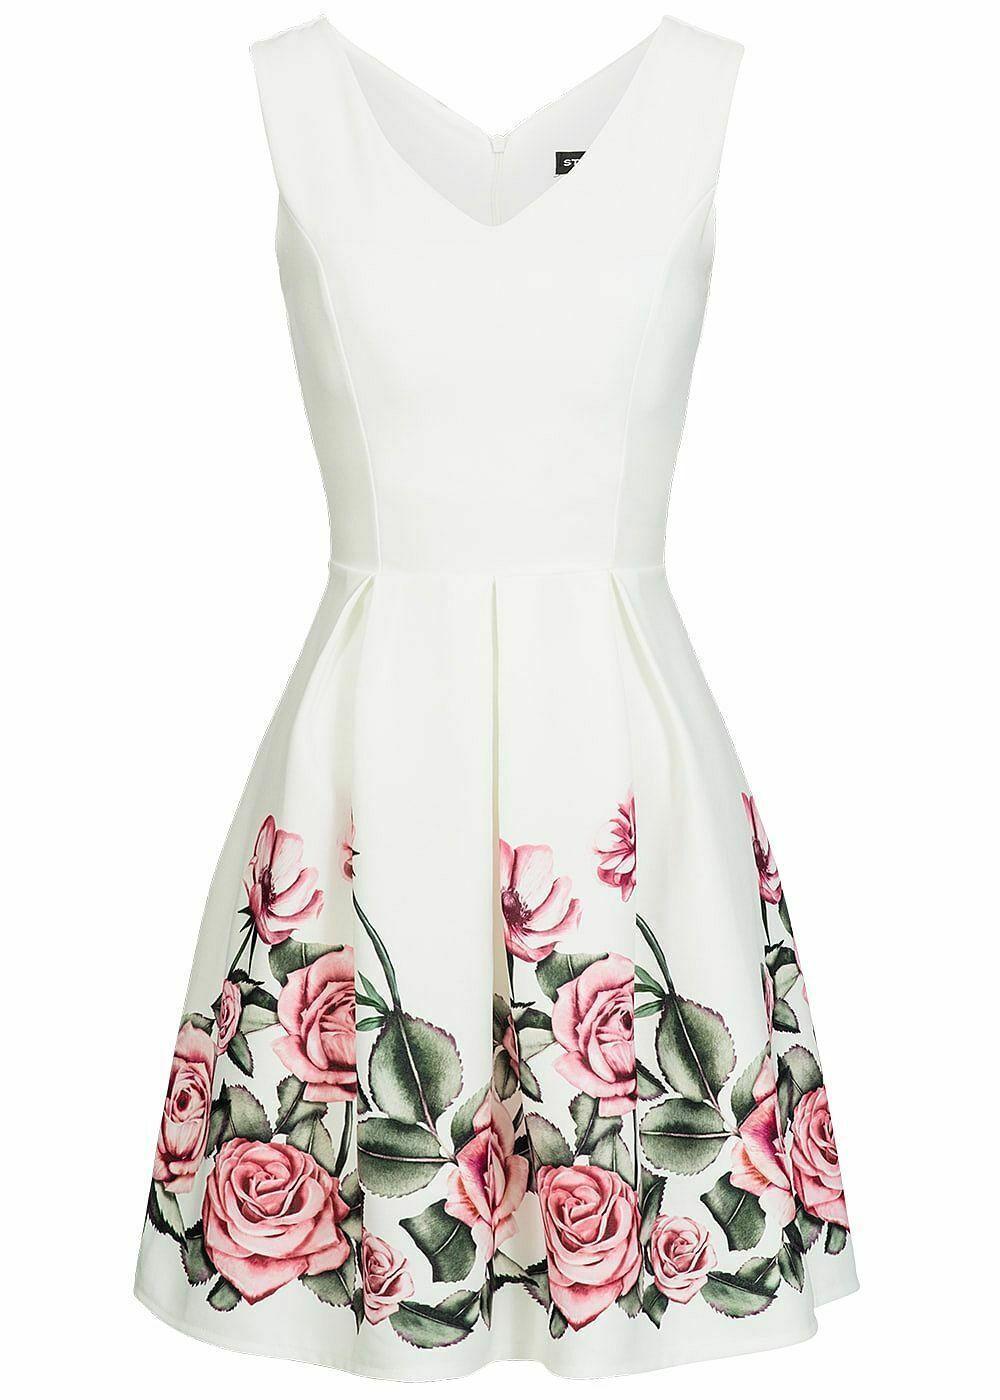 36% OFF B19056320 Damen Violet Kleid kurz geblümt mit Zipper & Brustpads weiß  - Weißes Kleid - Ideen von Weißes Kleid #WeißesKleid #mode #weißekleiderkurz 36% OFF B19056320 Damen Violet Kleid kurz geblümt mit Zipper & Brustpads weiß  - Weißes Kleid - Ideen von Weißes Kleid #WeißesKleid #mode #weißekleiderkurz 36% OFF B19056320 Damen Violet Kleid kurz geblümt mit Zipper & Brustpads weiß  - Weißes Kleid - Ideen von Weißes Kleid #WeißesKleid #mode #weißekleiderkurz 36% OFF B19056 #weißekleiderkurz